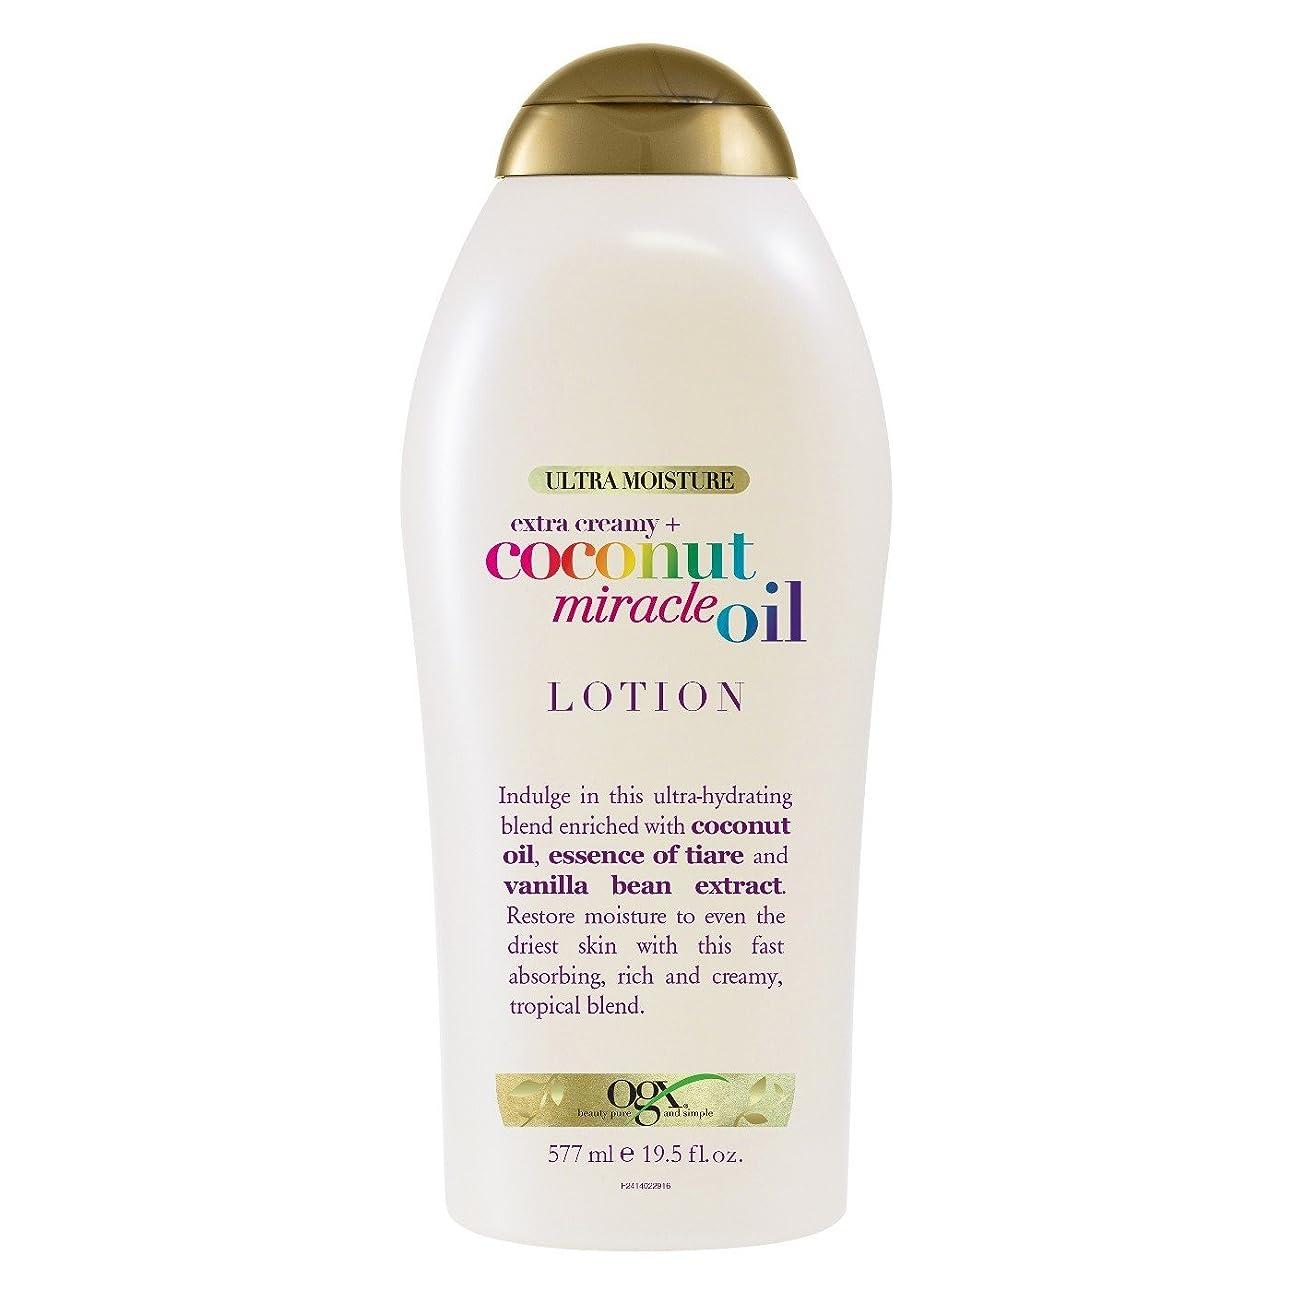 アルコール焦げ異なるOGX ミラクル ココナッツ オイル ボディローション Body Lotion Coconut Oil Miracle 19.5 Ounce (577ml) [並行輸入品]